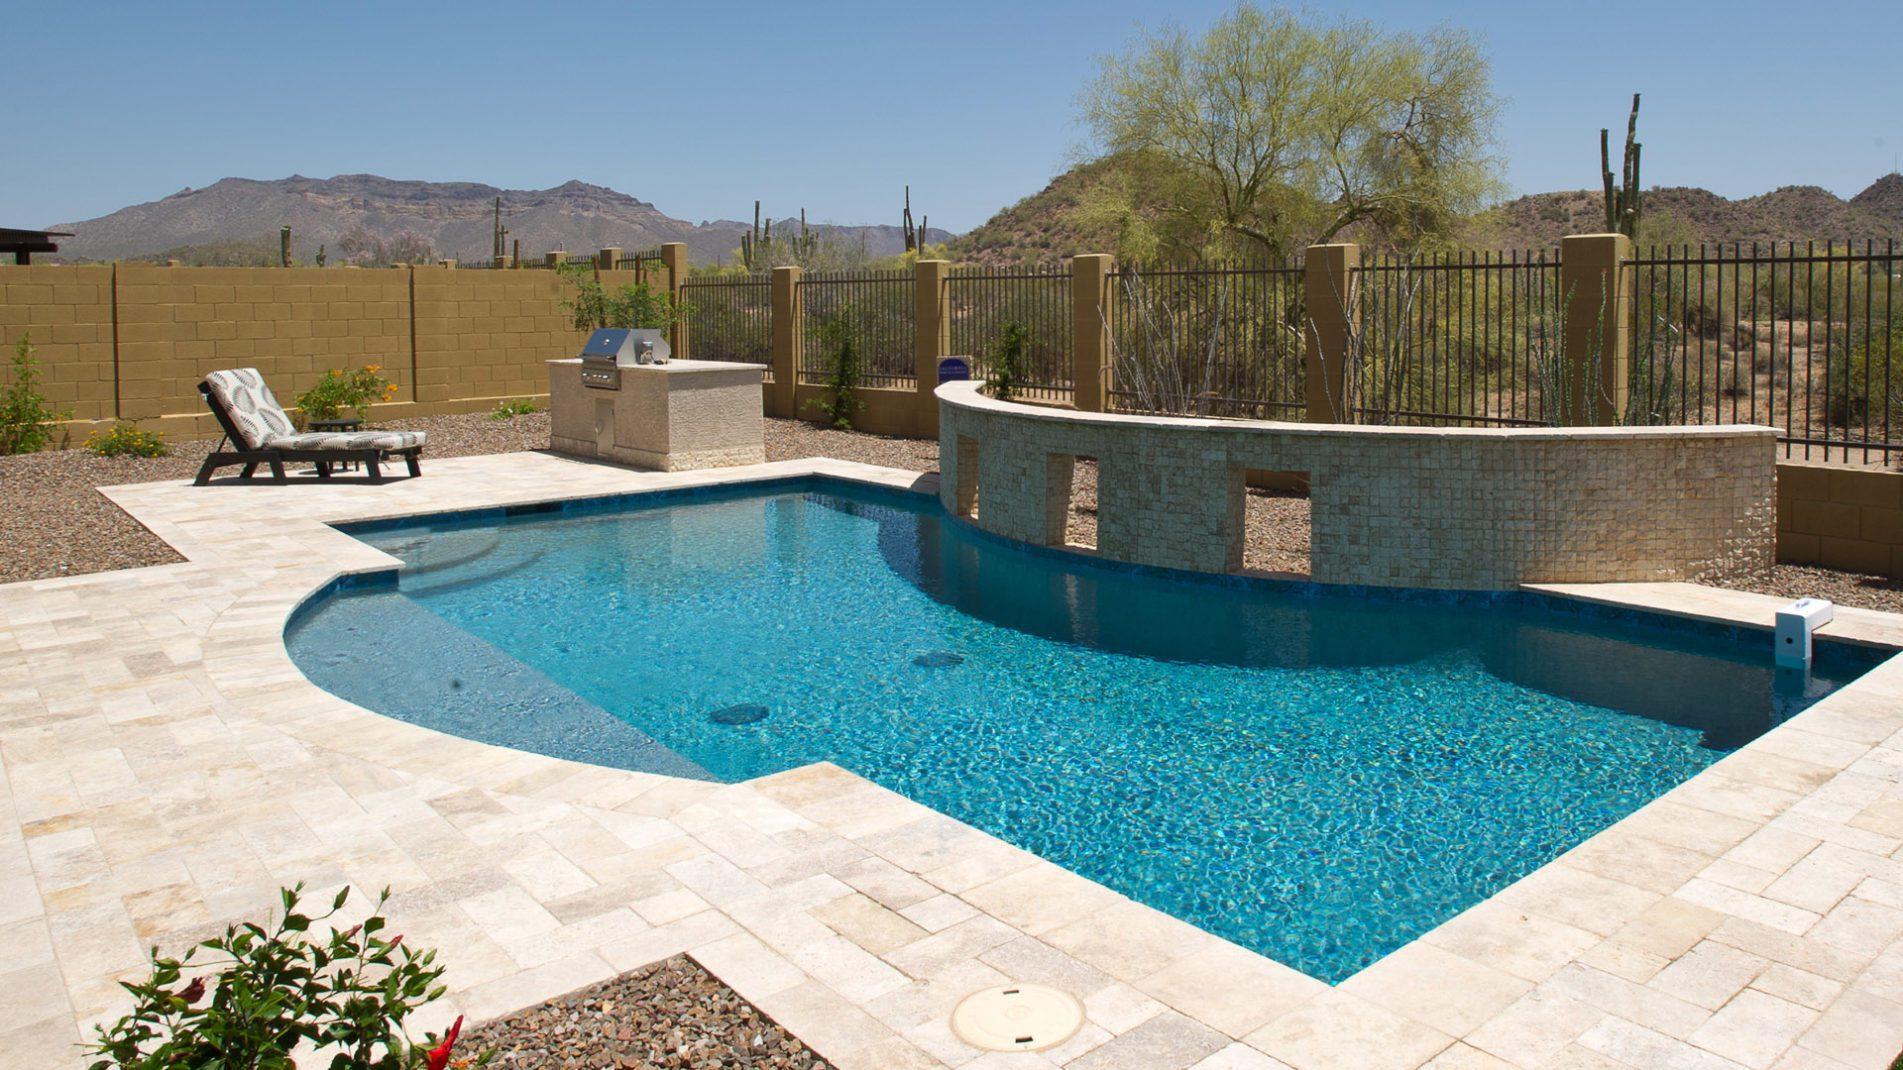 Grecian Gem Swimming Pool In Mesa